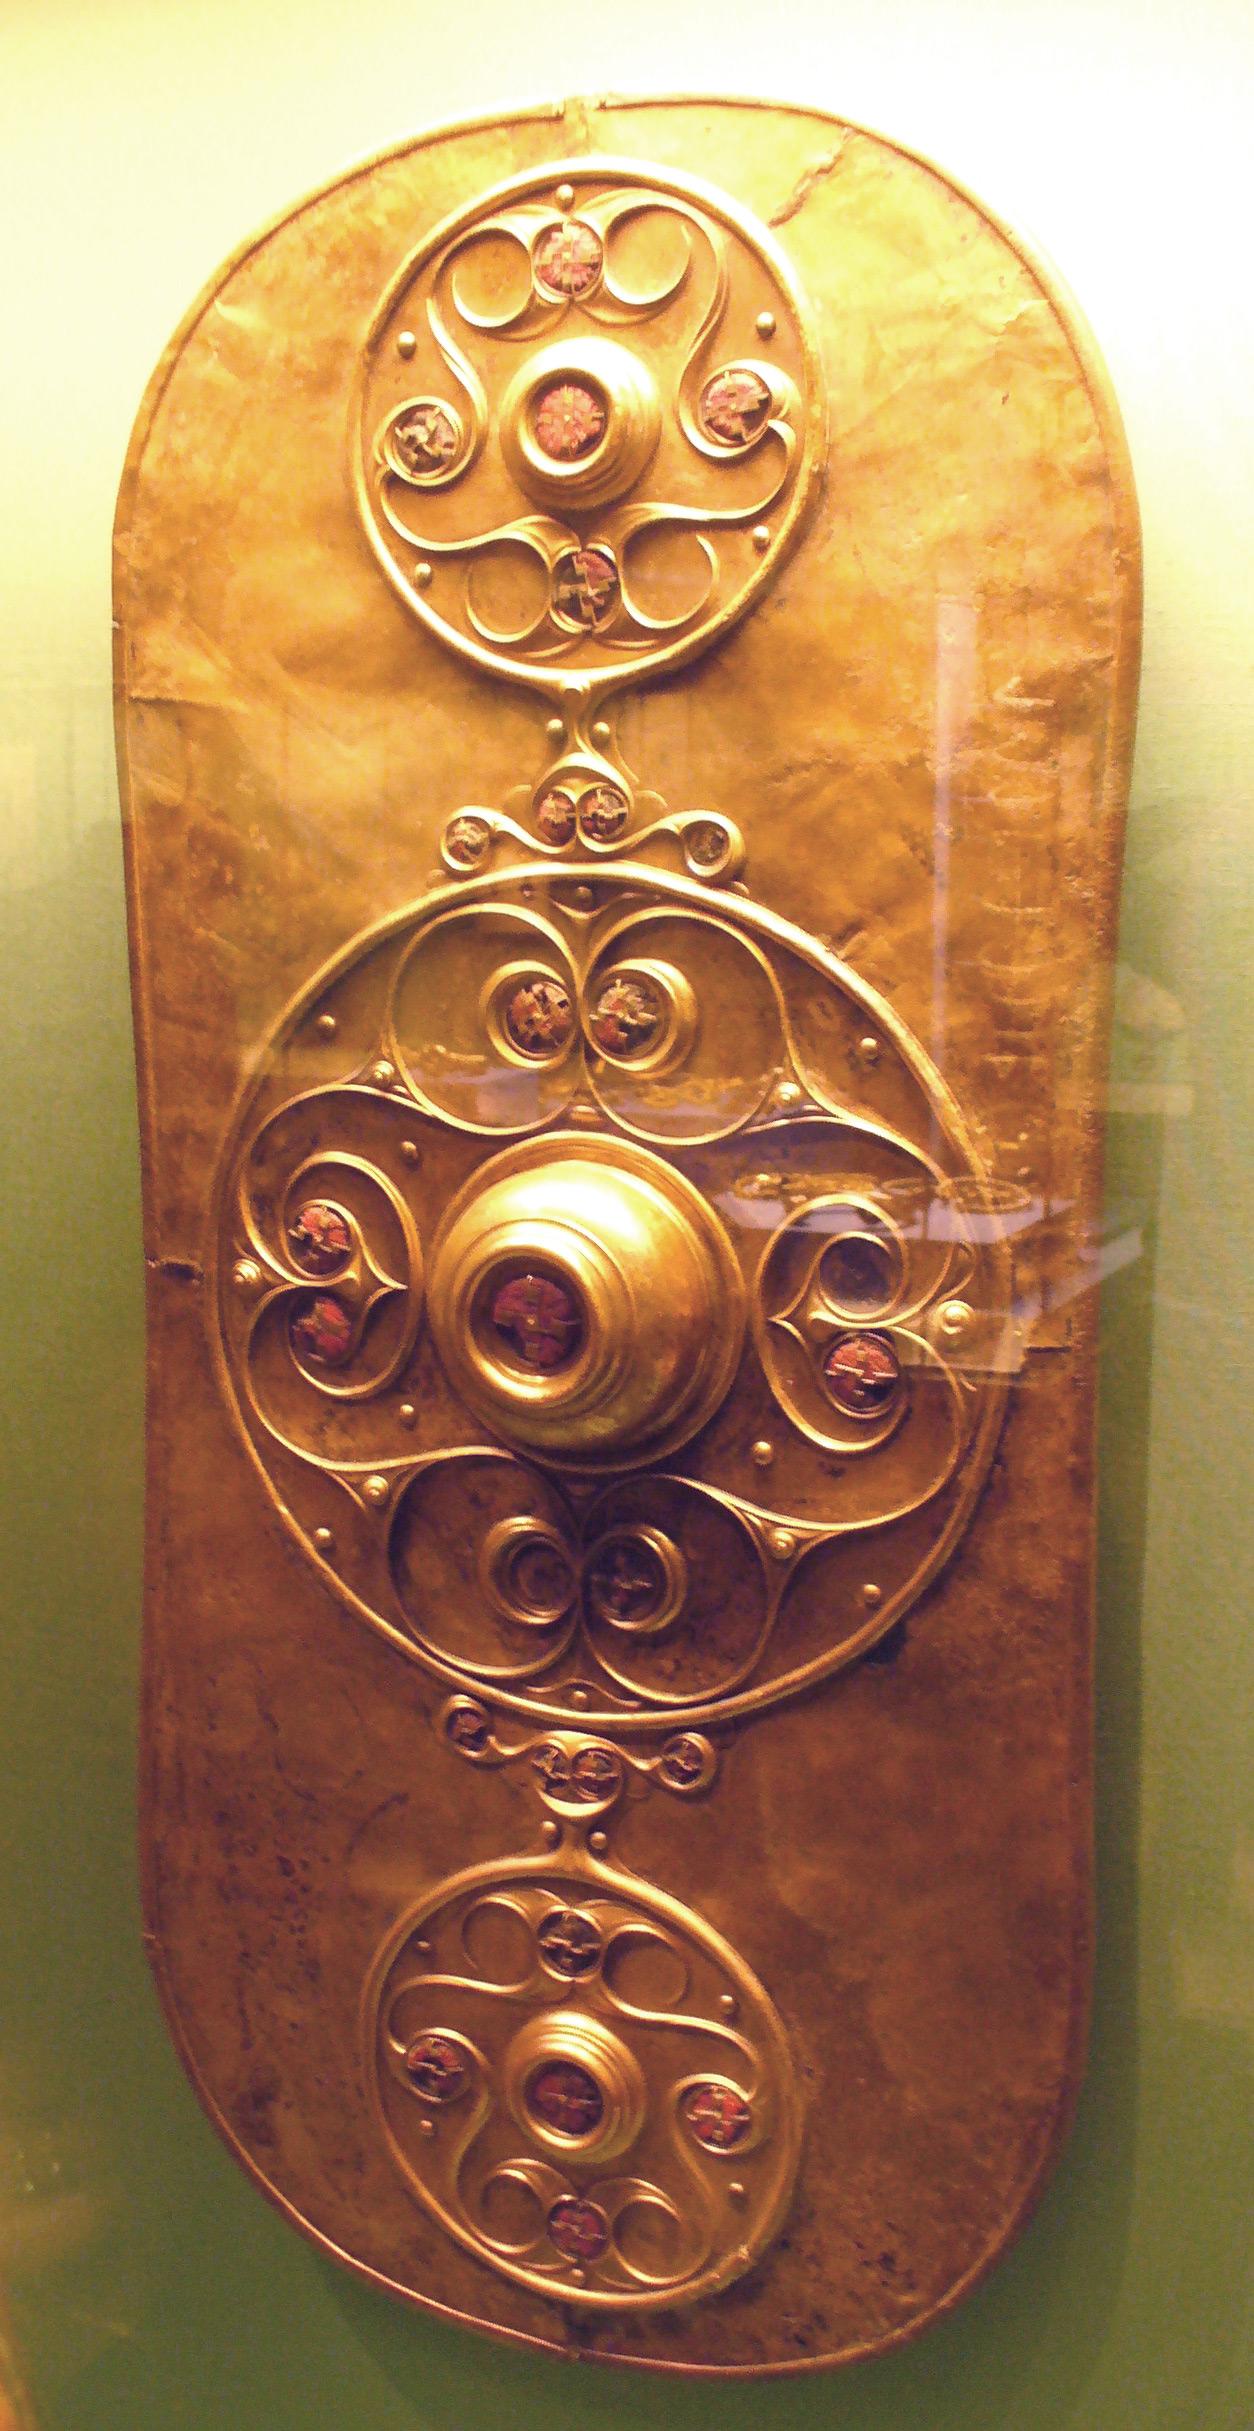 Battersea-shield